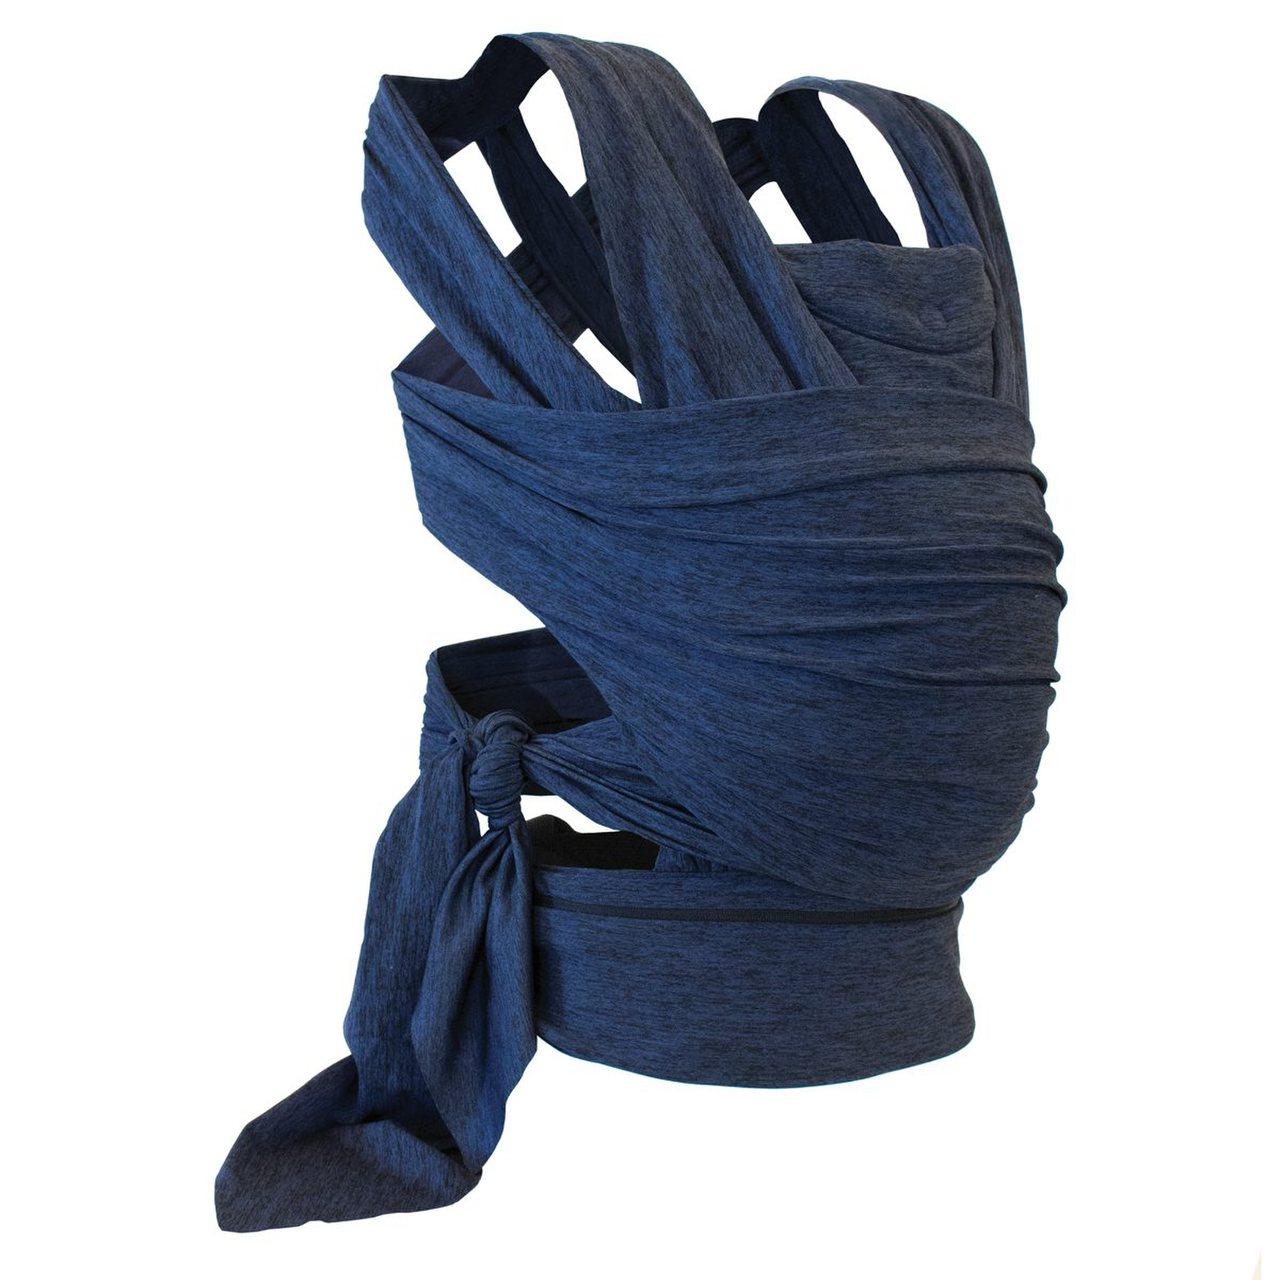 Картинка для Переноска Chicco Boppy ComfyFit Blue (+ Антисептик-спрей для рук в подарок!)